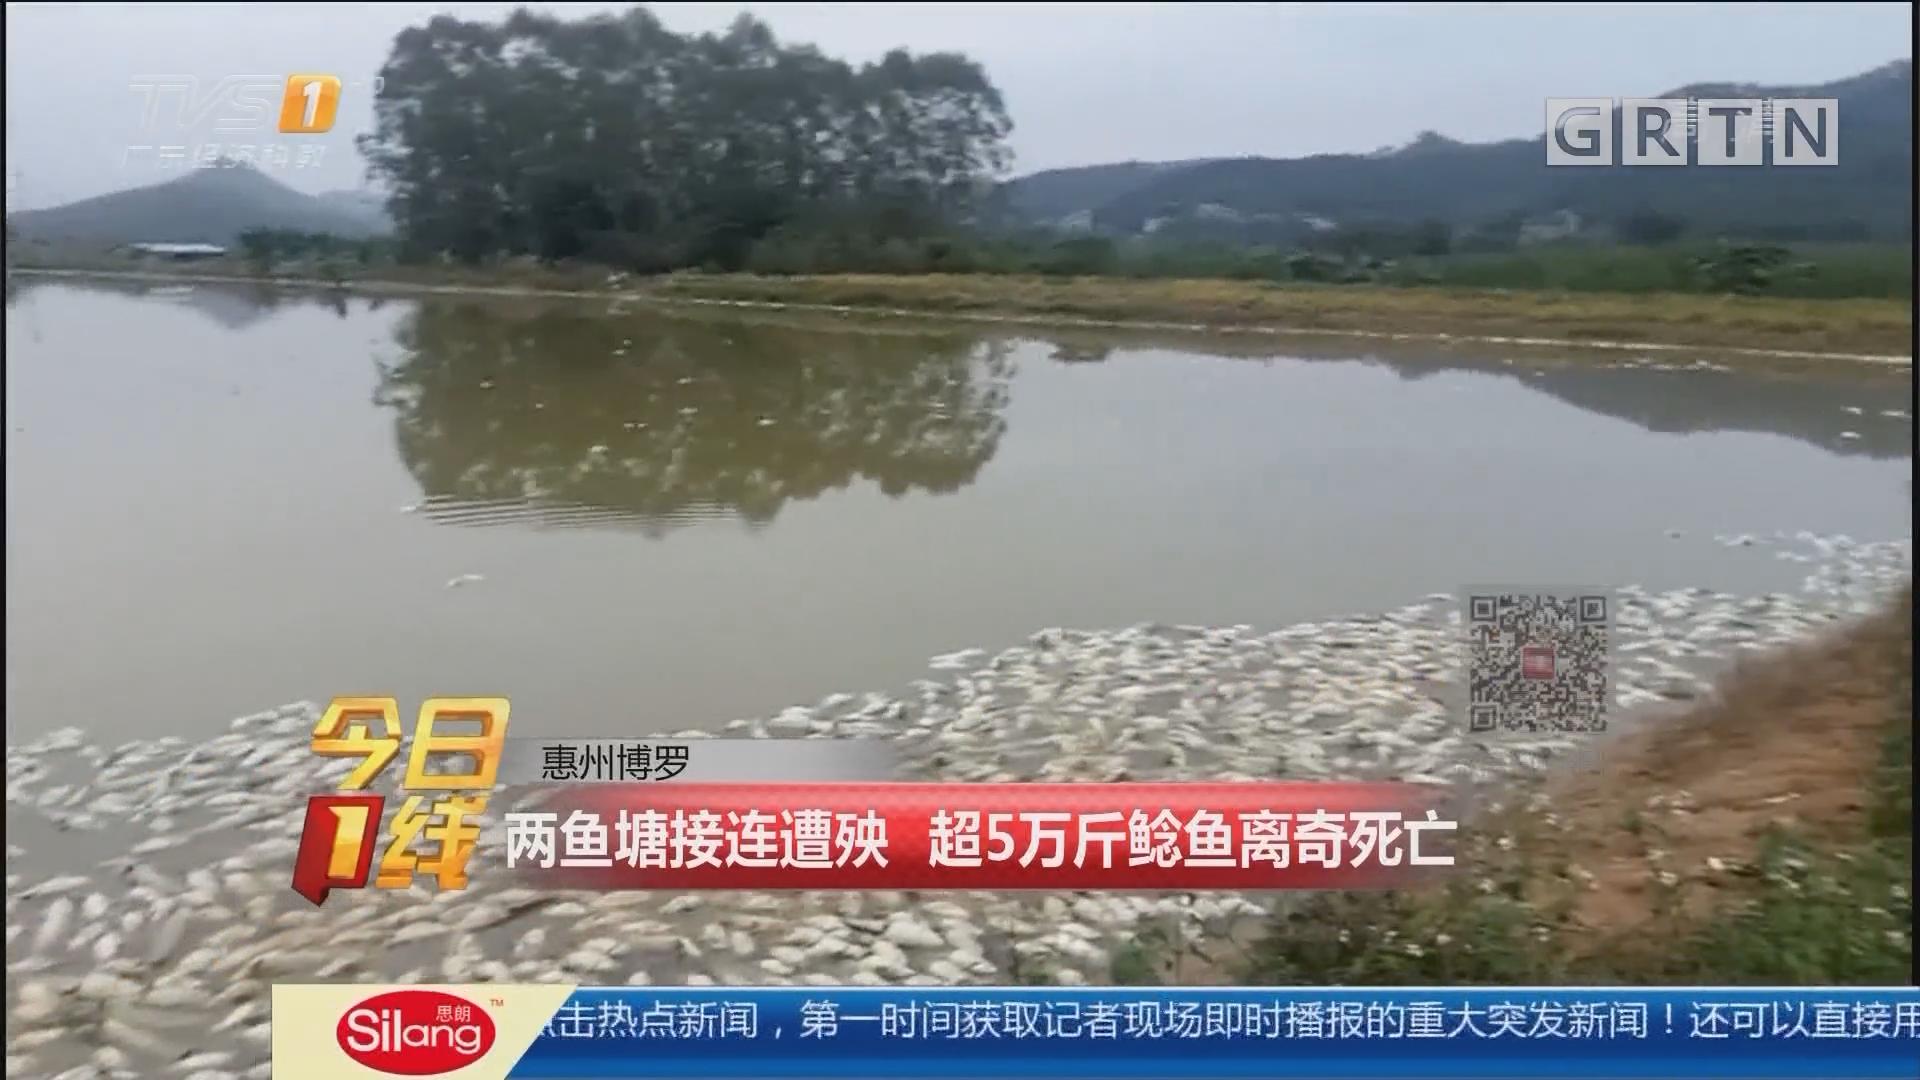 惠州博罗:两鱼塘接连遭殃 超5万斤鲶鱼离奇死亡